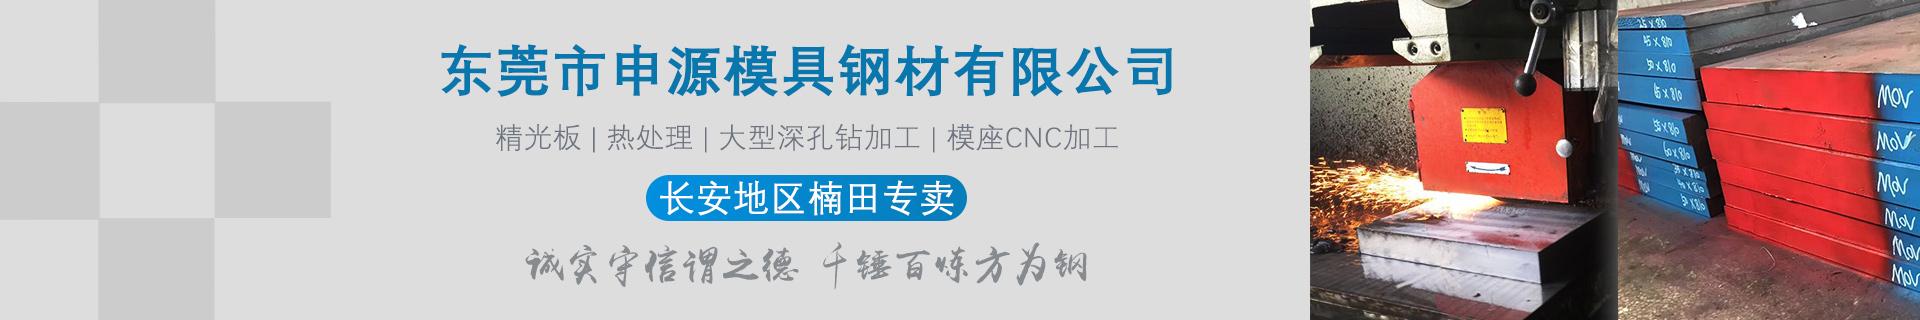 东莞市申源模具钢材有限公司正式入驻51模材